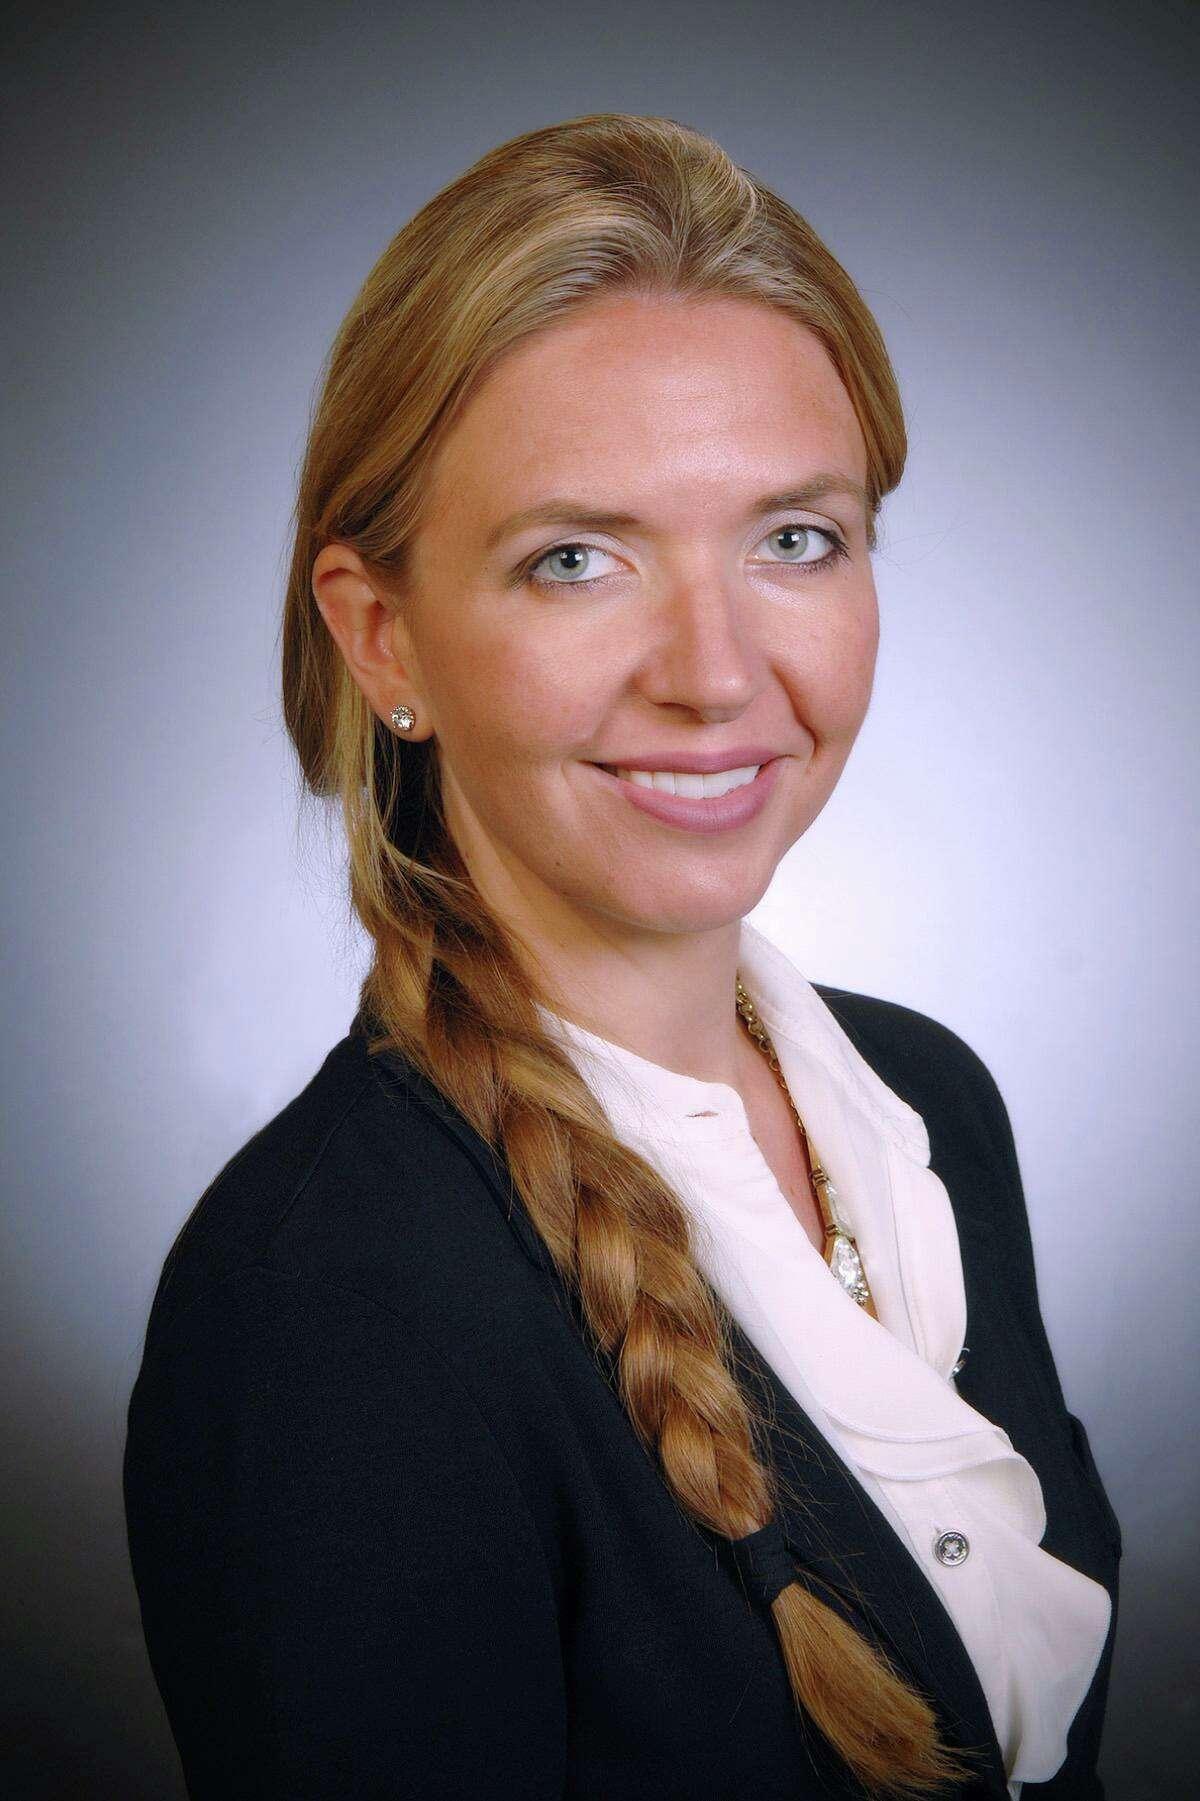 Dr. Mary Bailey